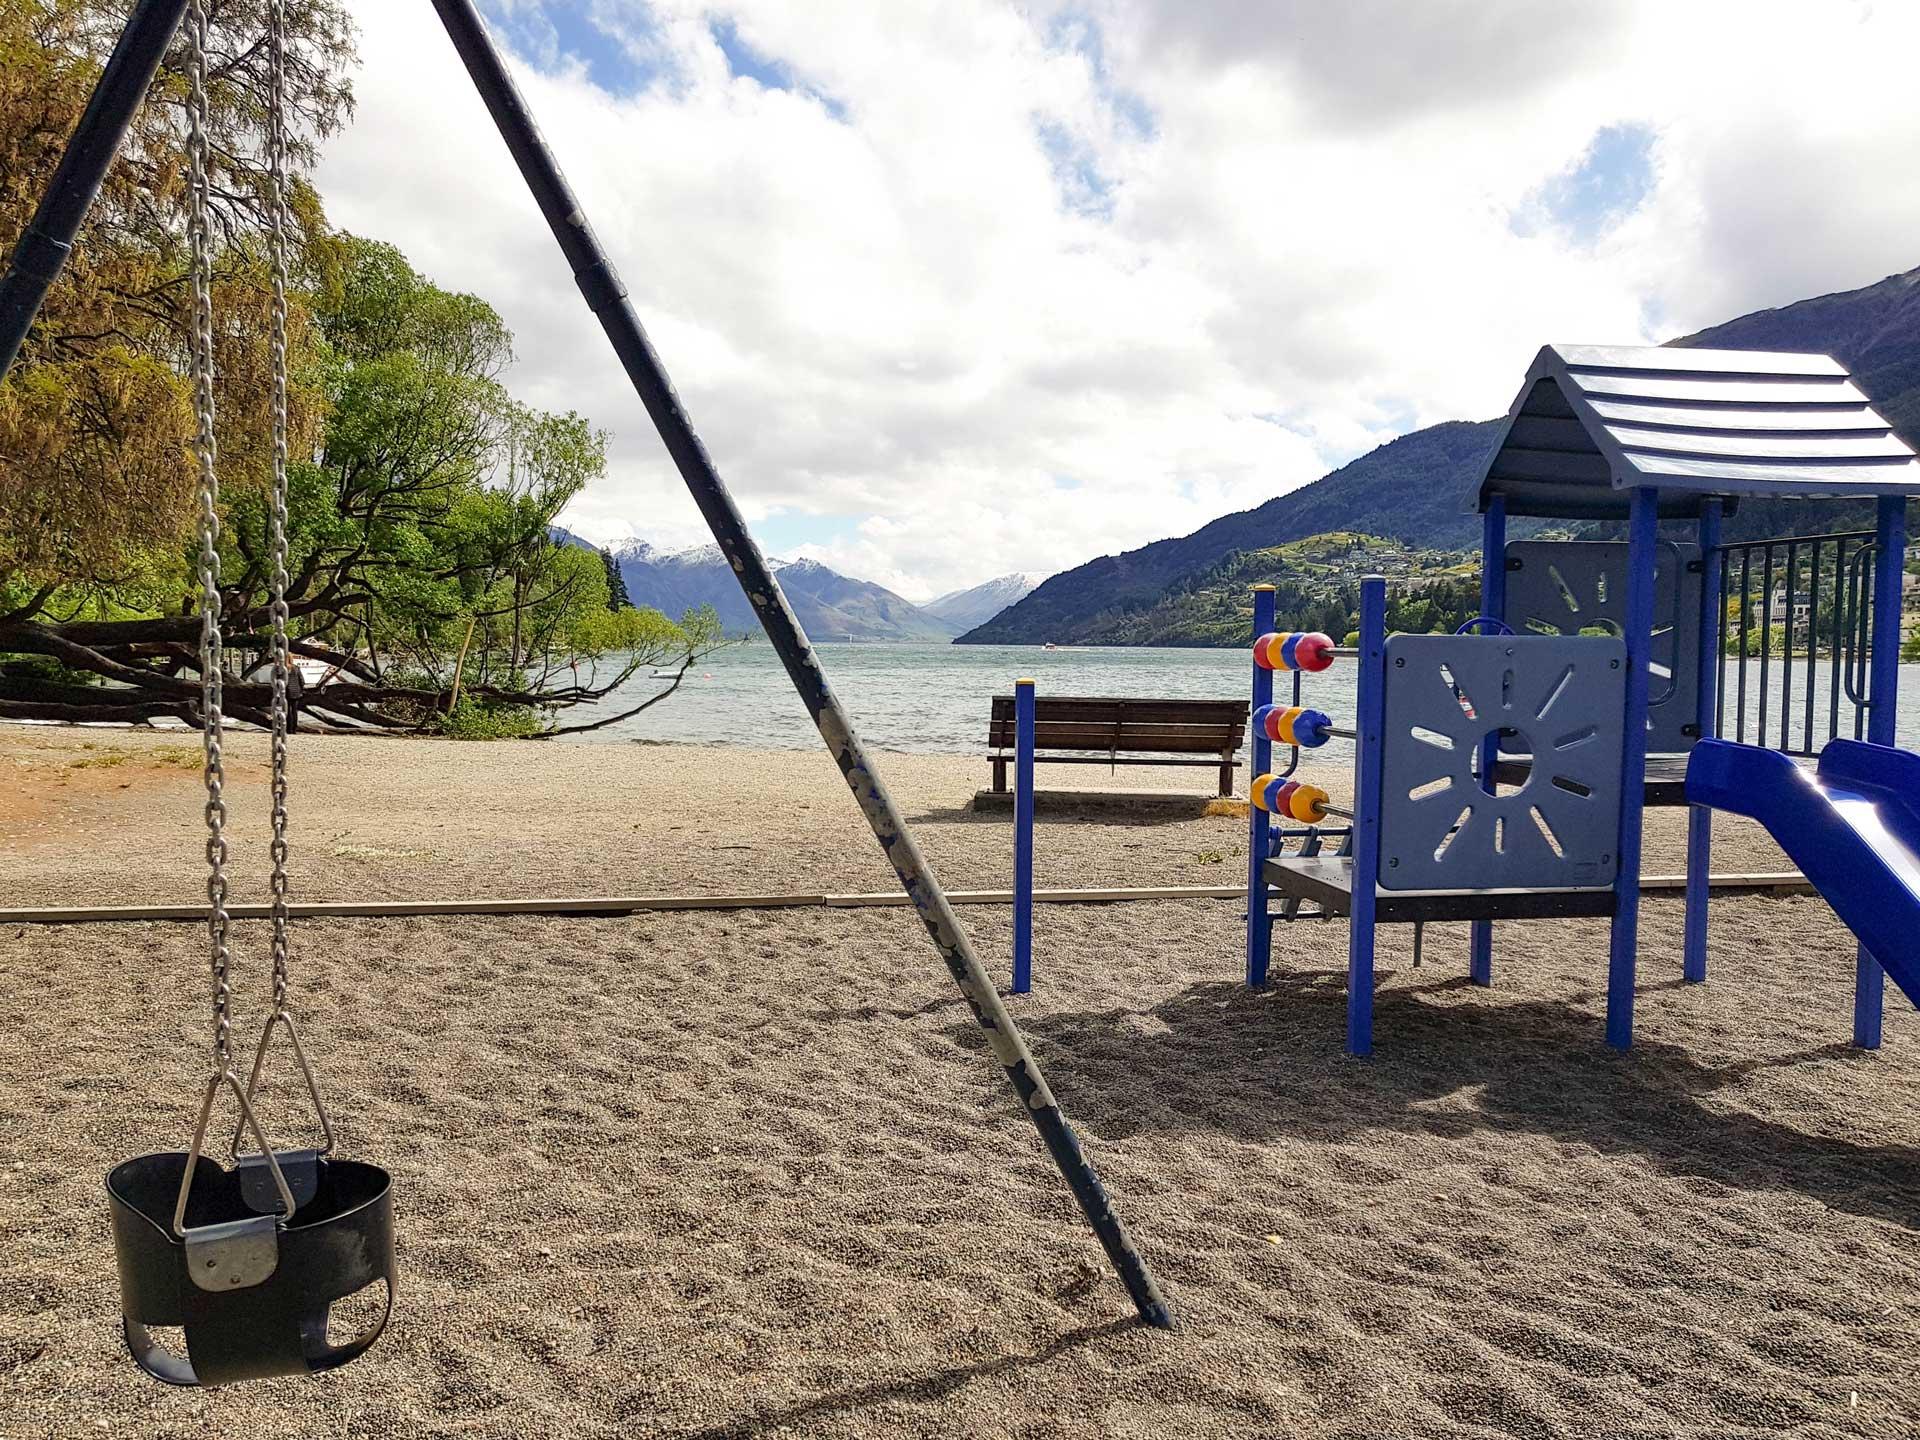 Queenstown Lakefront Playground